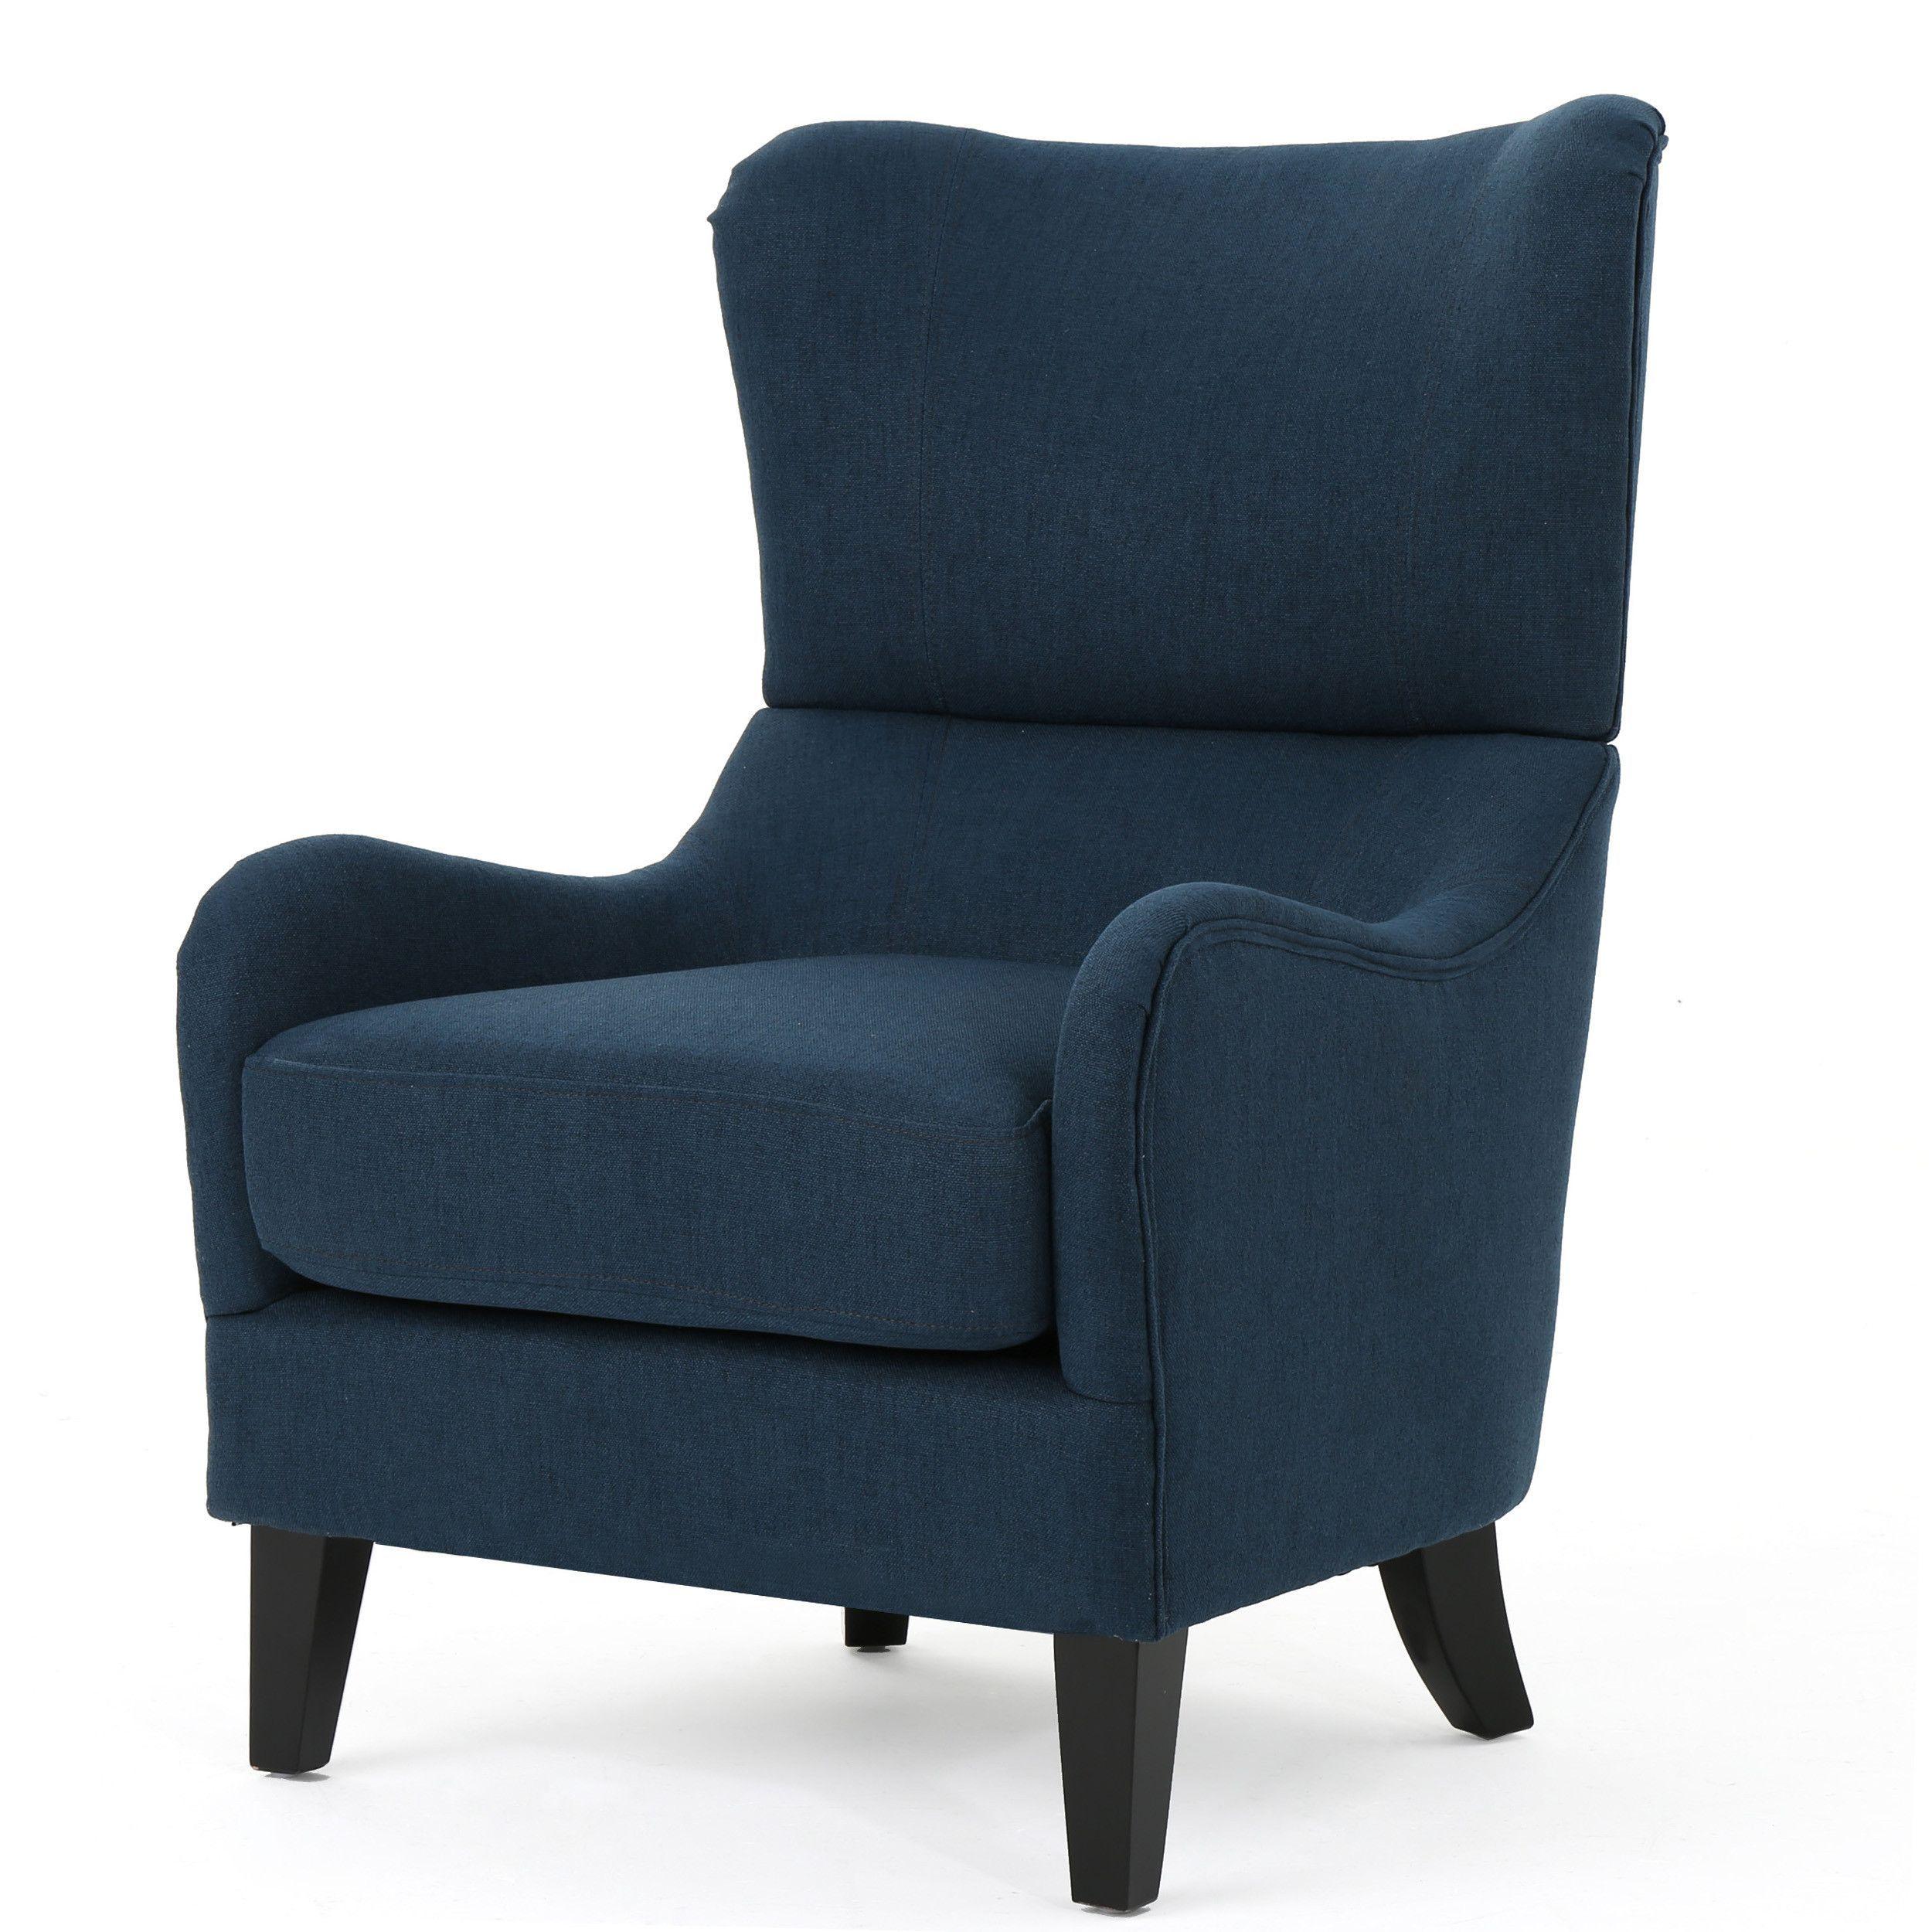 Quinn Navy Blue Fabric Sofa Chair Blue Fabric Sofa Comfy Sofa Chair Sofa Chair